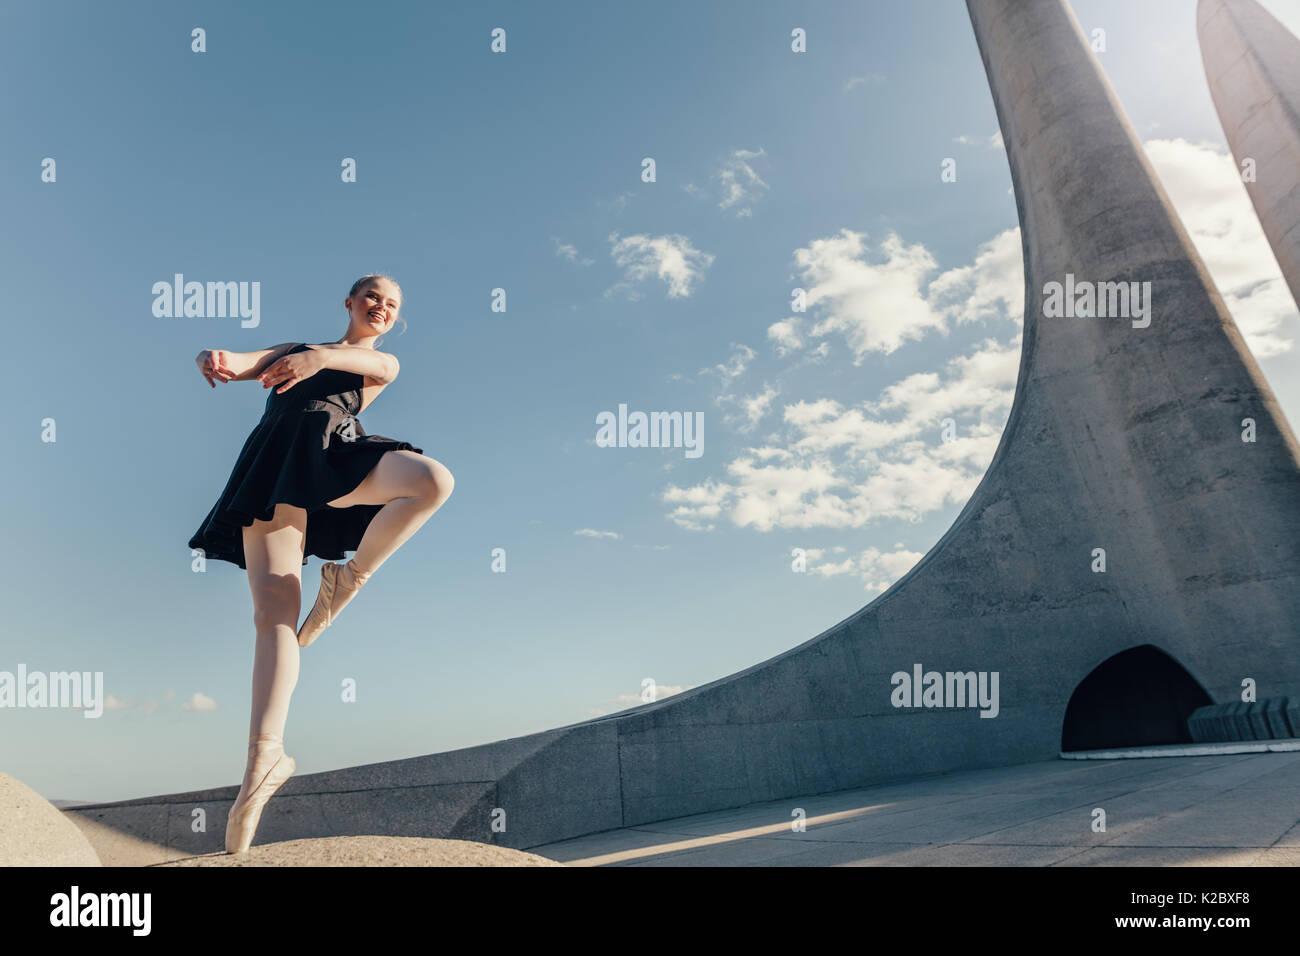 Ballet Dancer üben Tanz bewegt sich im Freien mit blauem Himmel und Denkmal  im Hintergrund. Tänzerin Balancieren auf einen Zeh in Pointe Schuhe auf  eine Ro 58ca654c9e